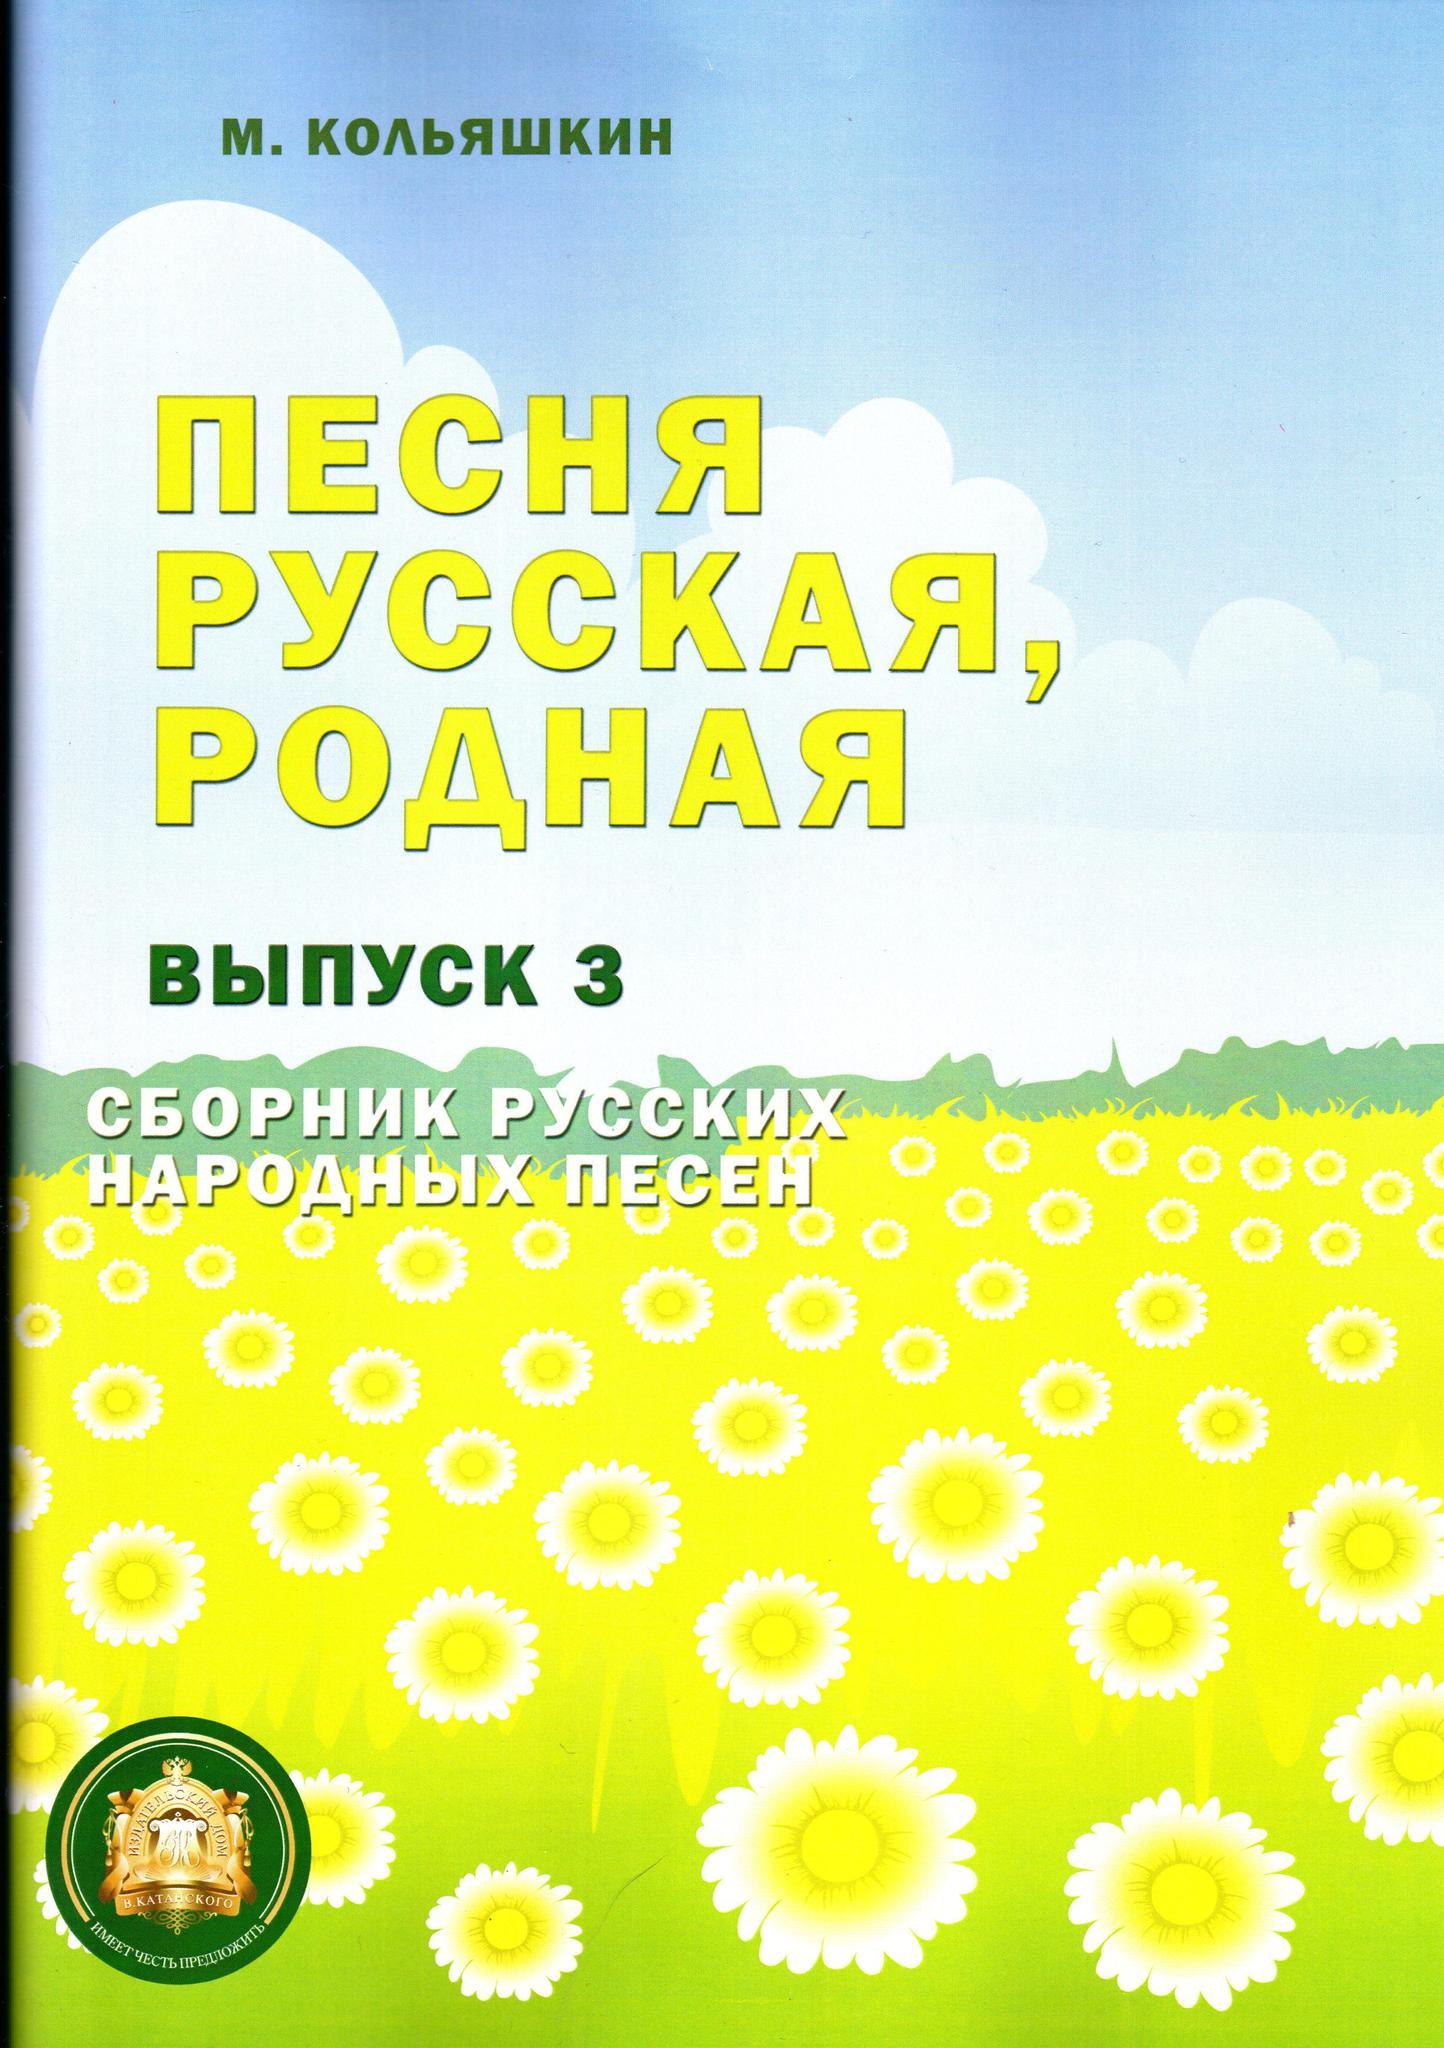 М. Кольяшкин. Песня русская родная. Выпуск 3. Русские народные песни.